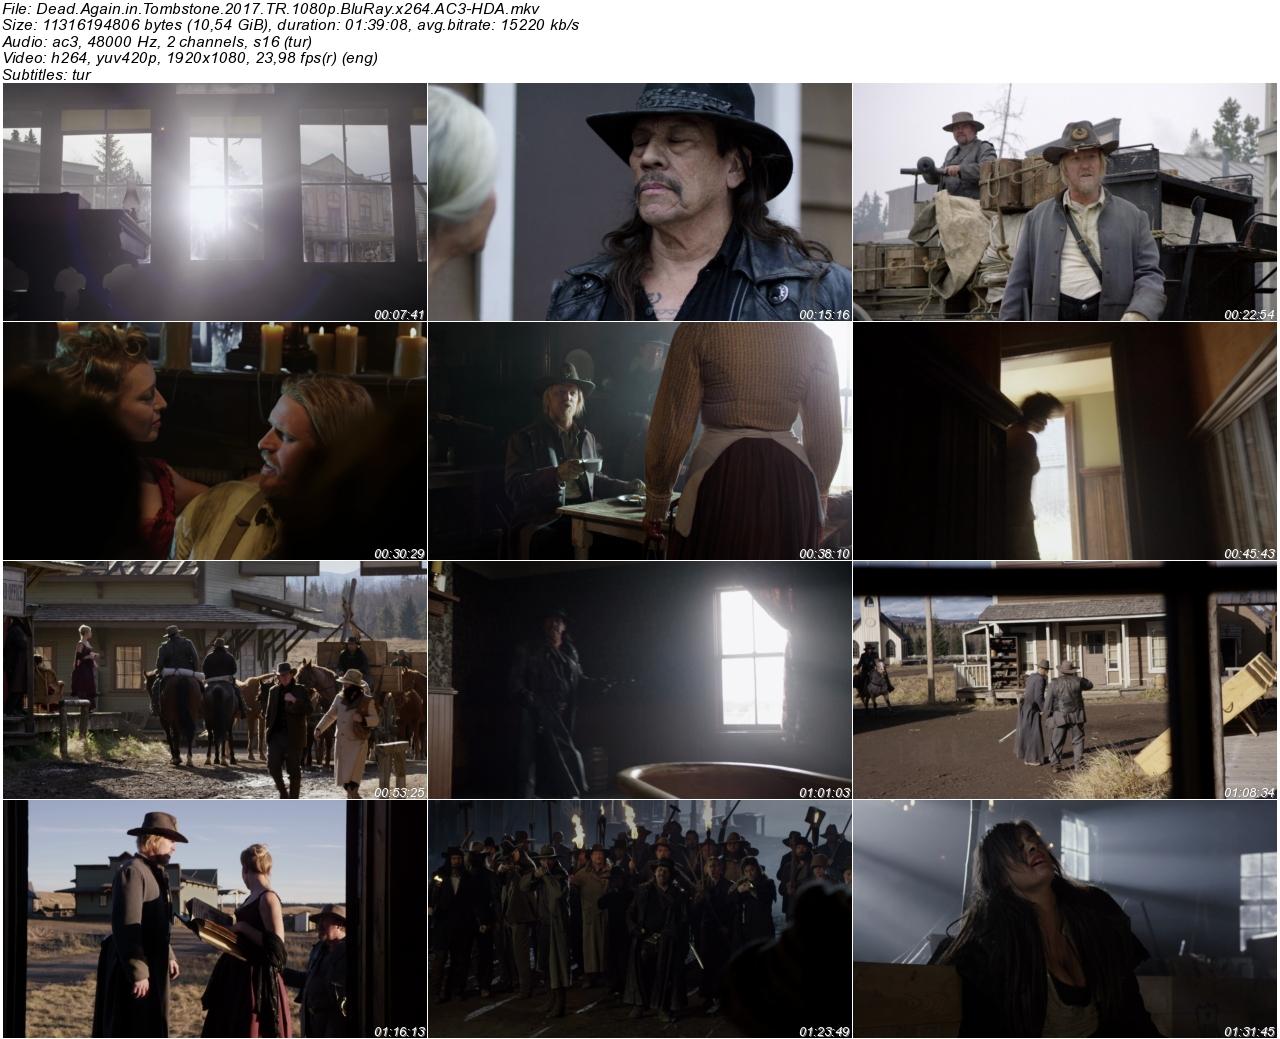 Kasabadaki Ölü 2 2017 - 1080p 720p 480p - Türkçe Dublaj Tek Link indir